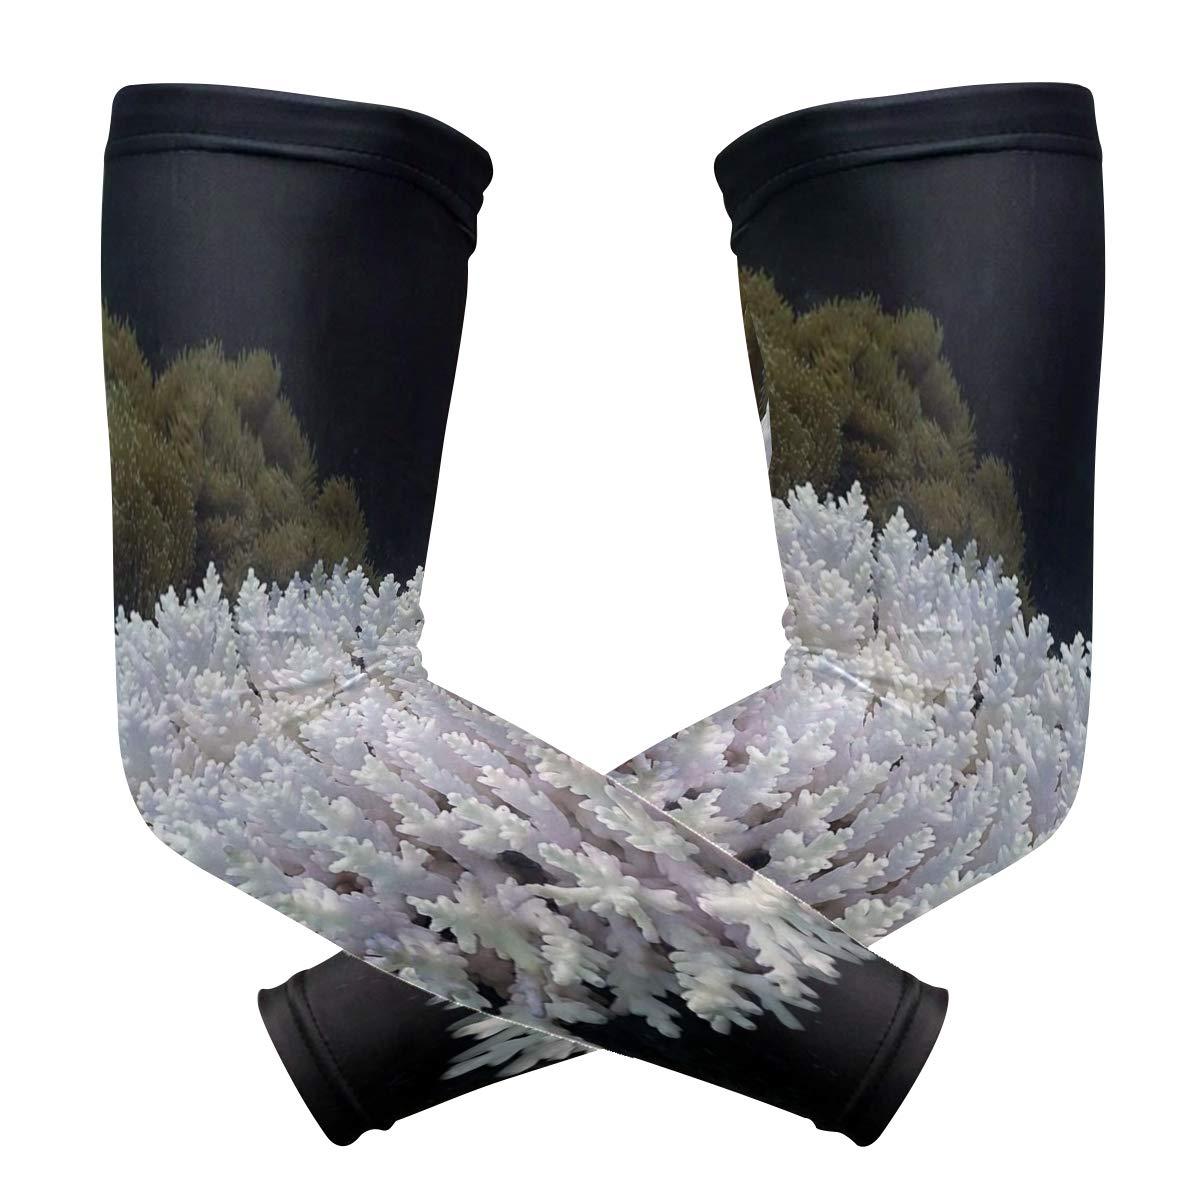 アームスリーブ The Best we Never Seen Cuba's Coral Reef メンズ 太陽 UV保護スリーブ アームウォーマー クールロングセット カバー B07HNTR2RC 色2 One Size